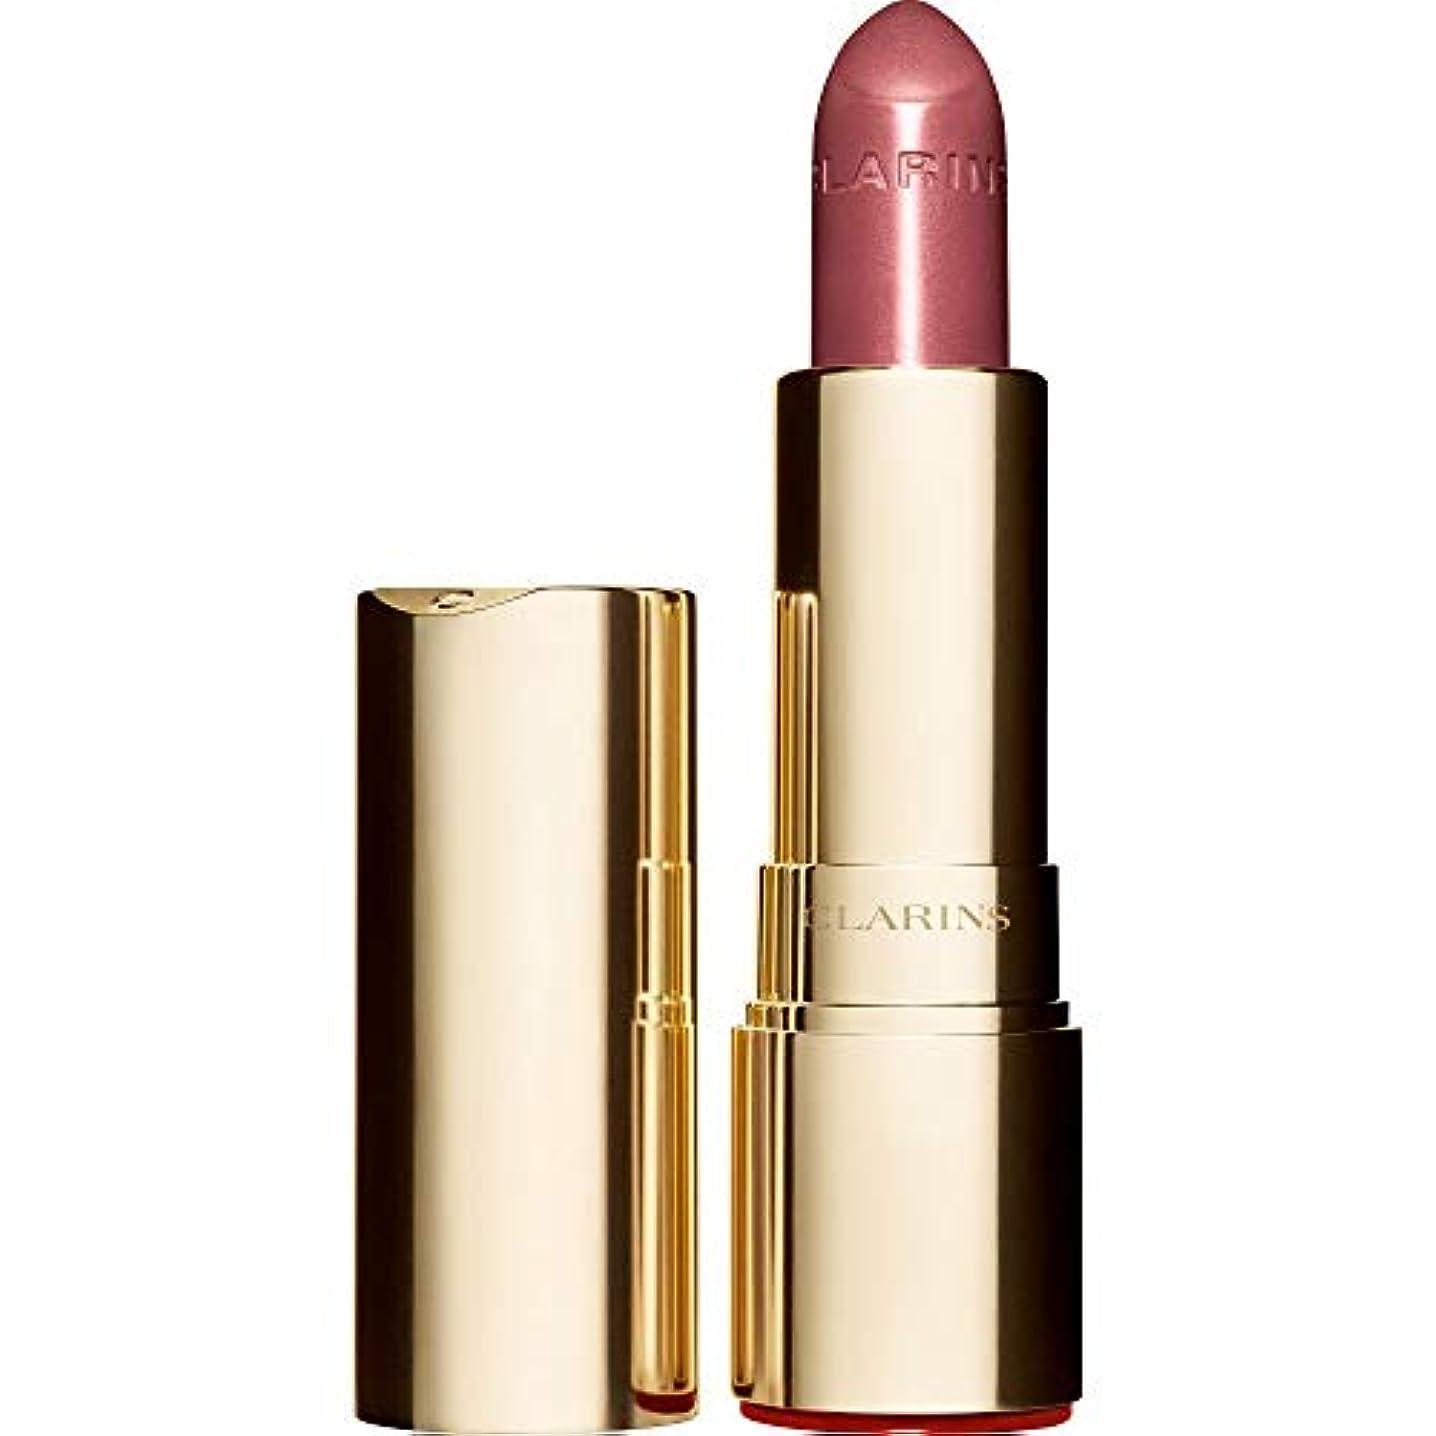 すり減る長方形工業化する[Clarins ] クラランスジョリルージュブリリアント口紅3.5グラムの731Sは、 - ベリーローズ - Clarins Joli Rouge Brillant Lipstick 3.5g 731S - Rose...